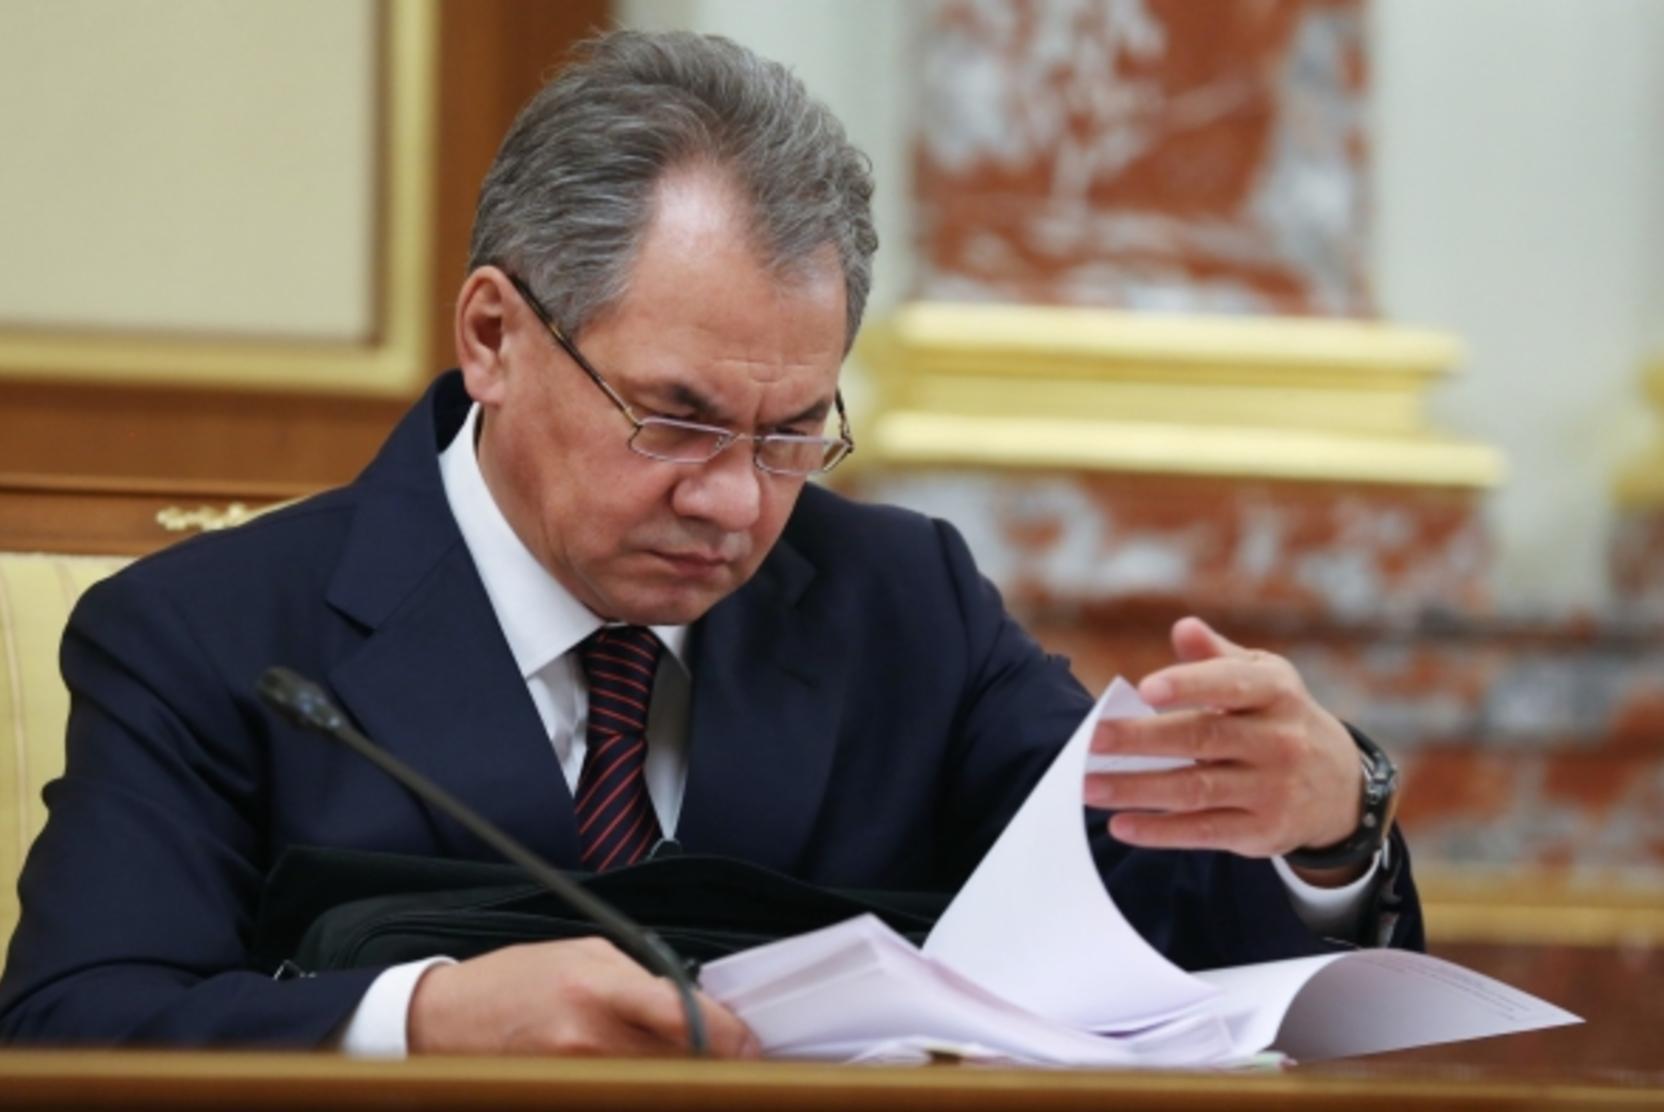 Шойгу заявил, что Минобороны могло потерять триллионы рублей из-за коронавируса